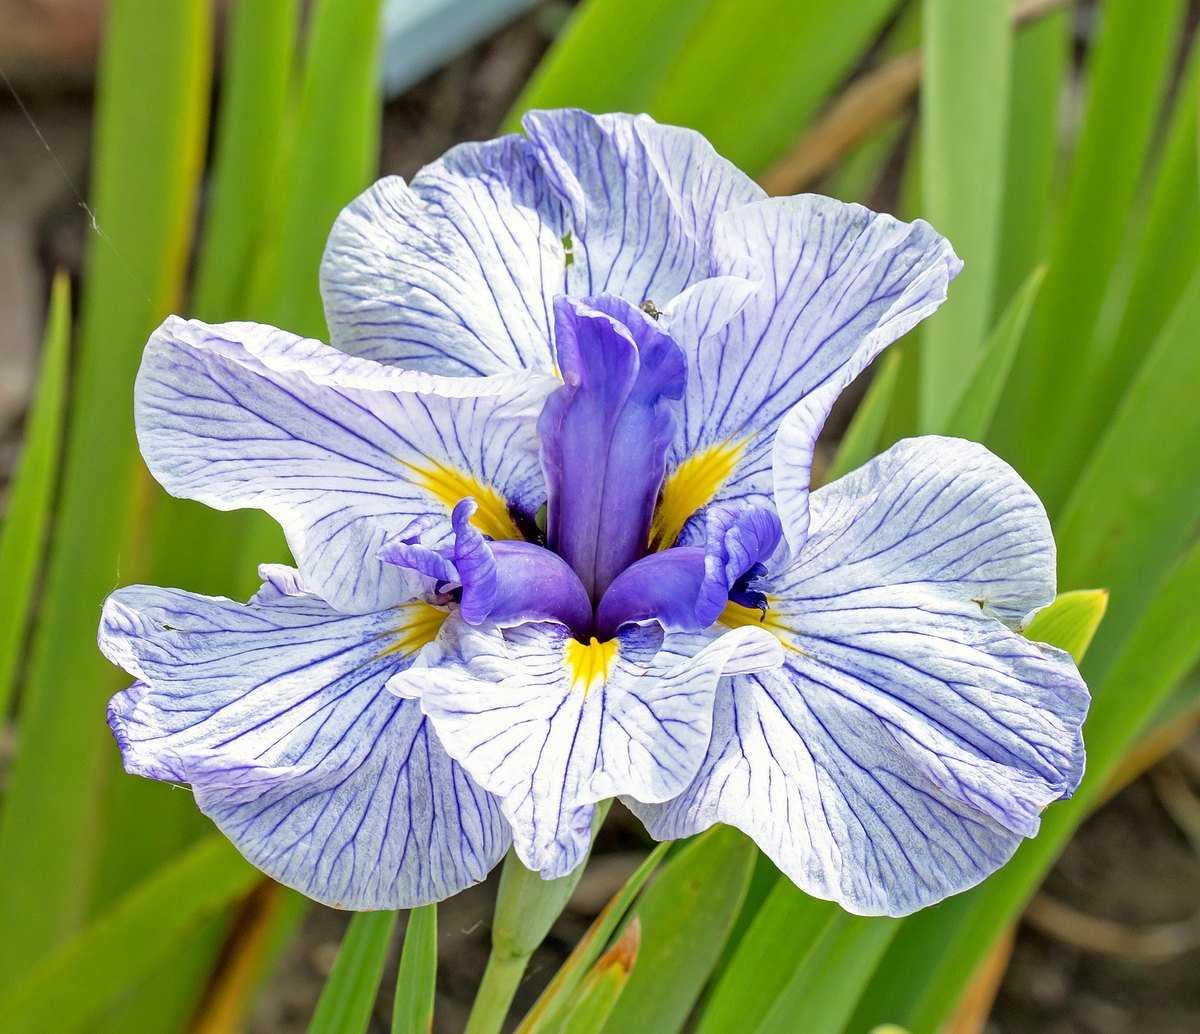 iris-yaponskij-foto-opisanie-klassifikacziya-formy-i-sorta-irisov-gruppy-hana-shobu-3